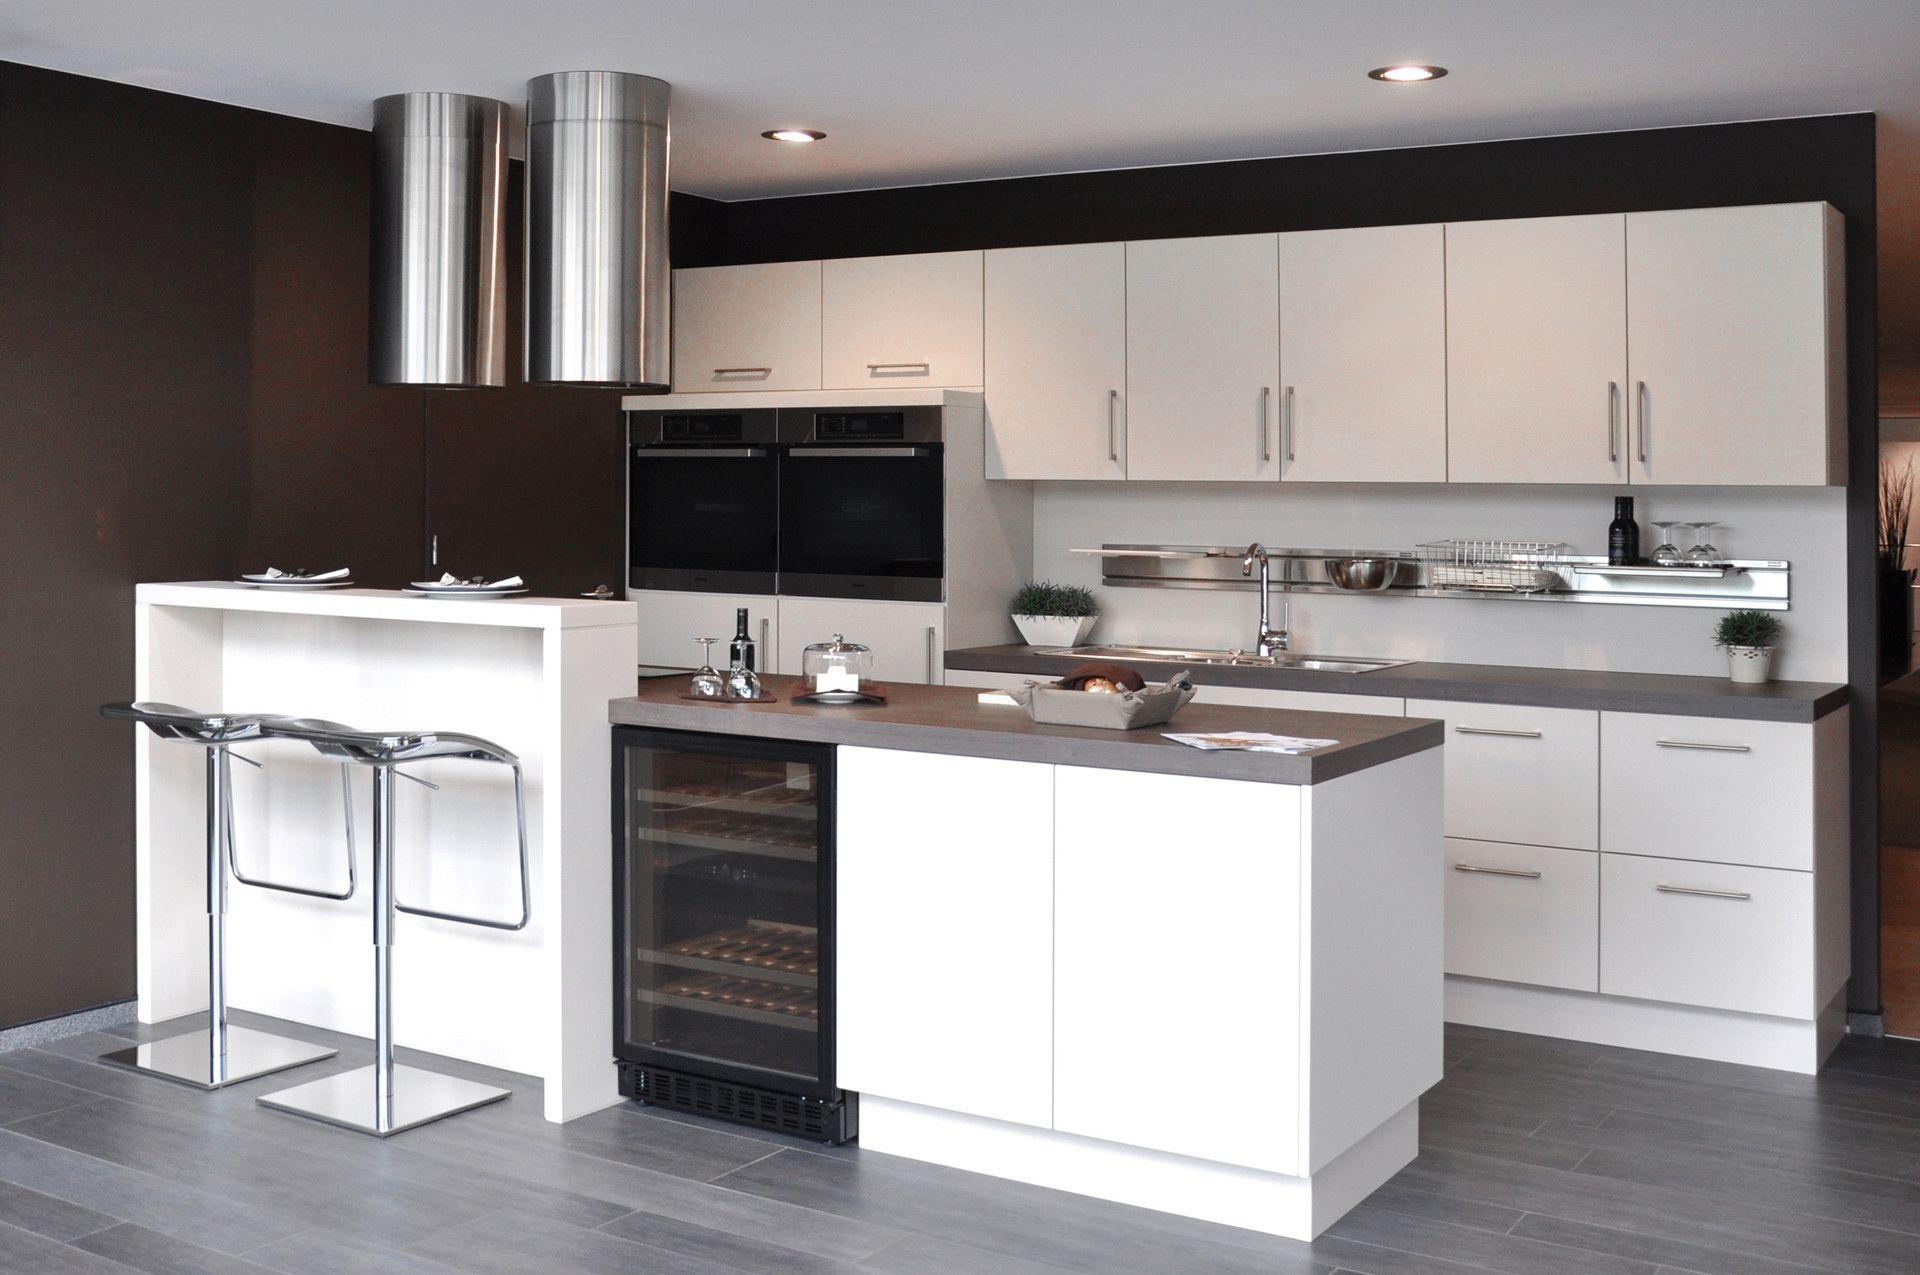 Keukens dovy een keuken om in te leven keukens op maat van moderne keukens over een - Moderne keuken deco keuken ...